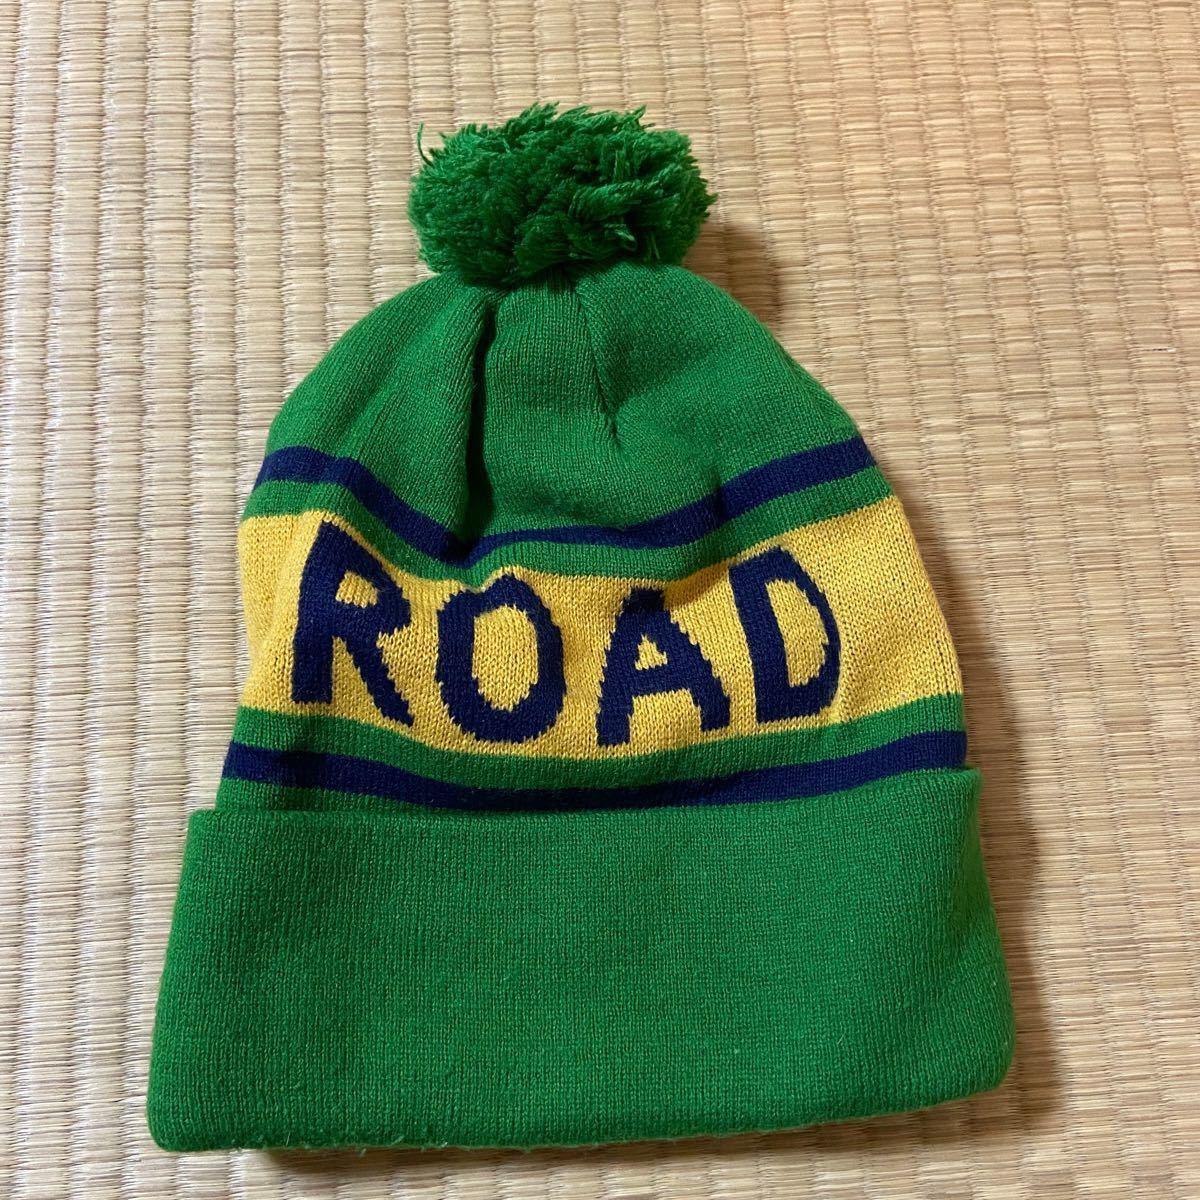 ニット帽 緑 黄色 スノボ グリーン 帽子 ニットキャップ レディースOK